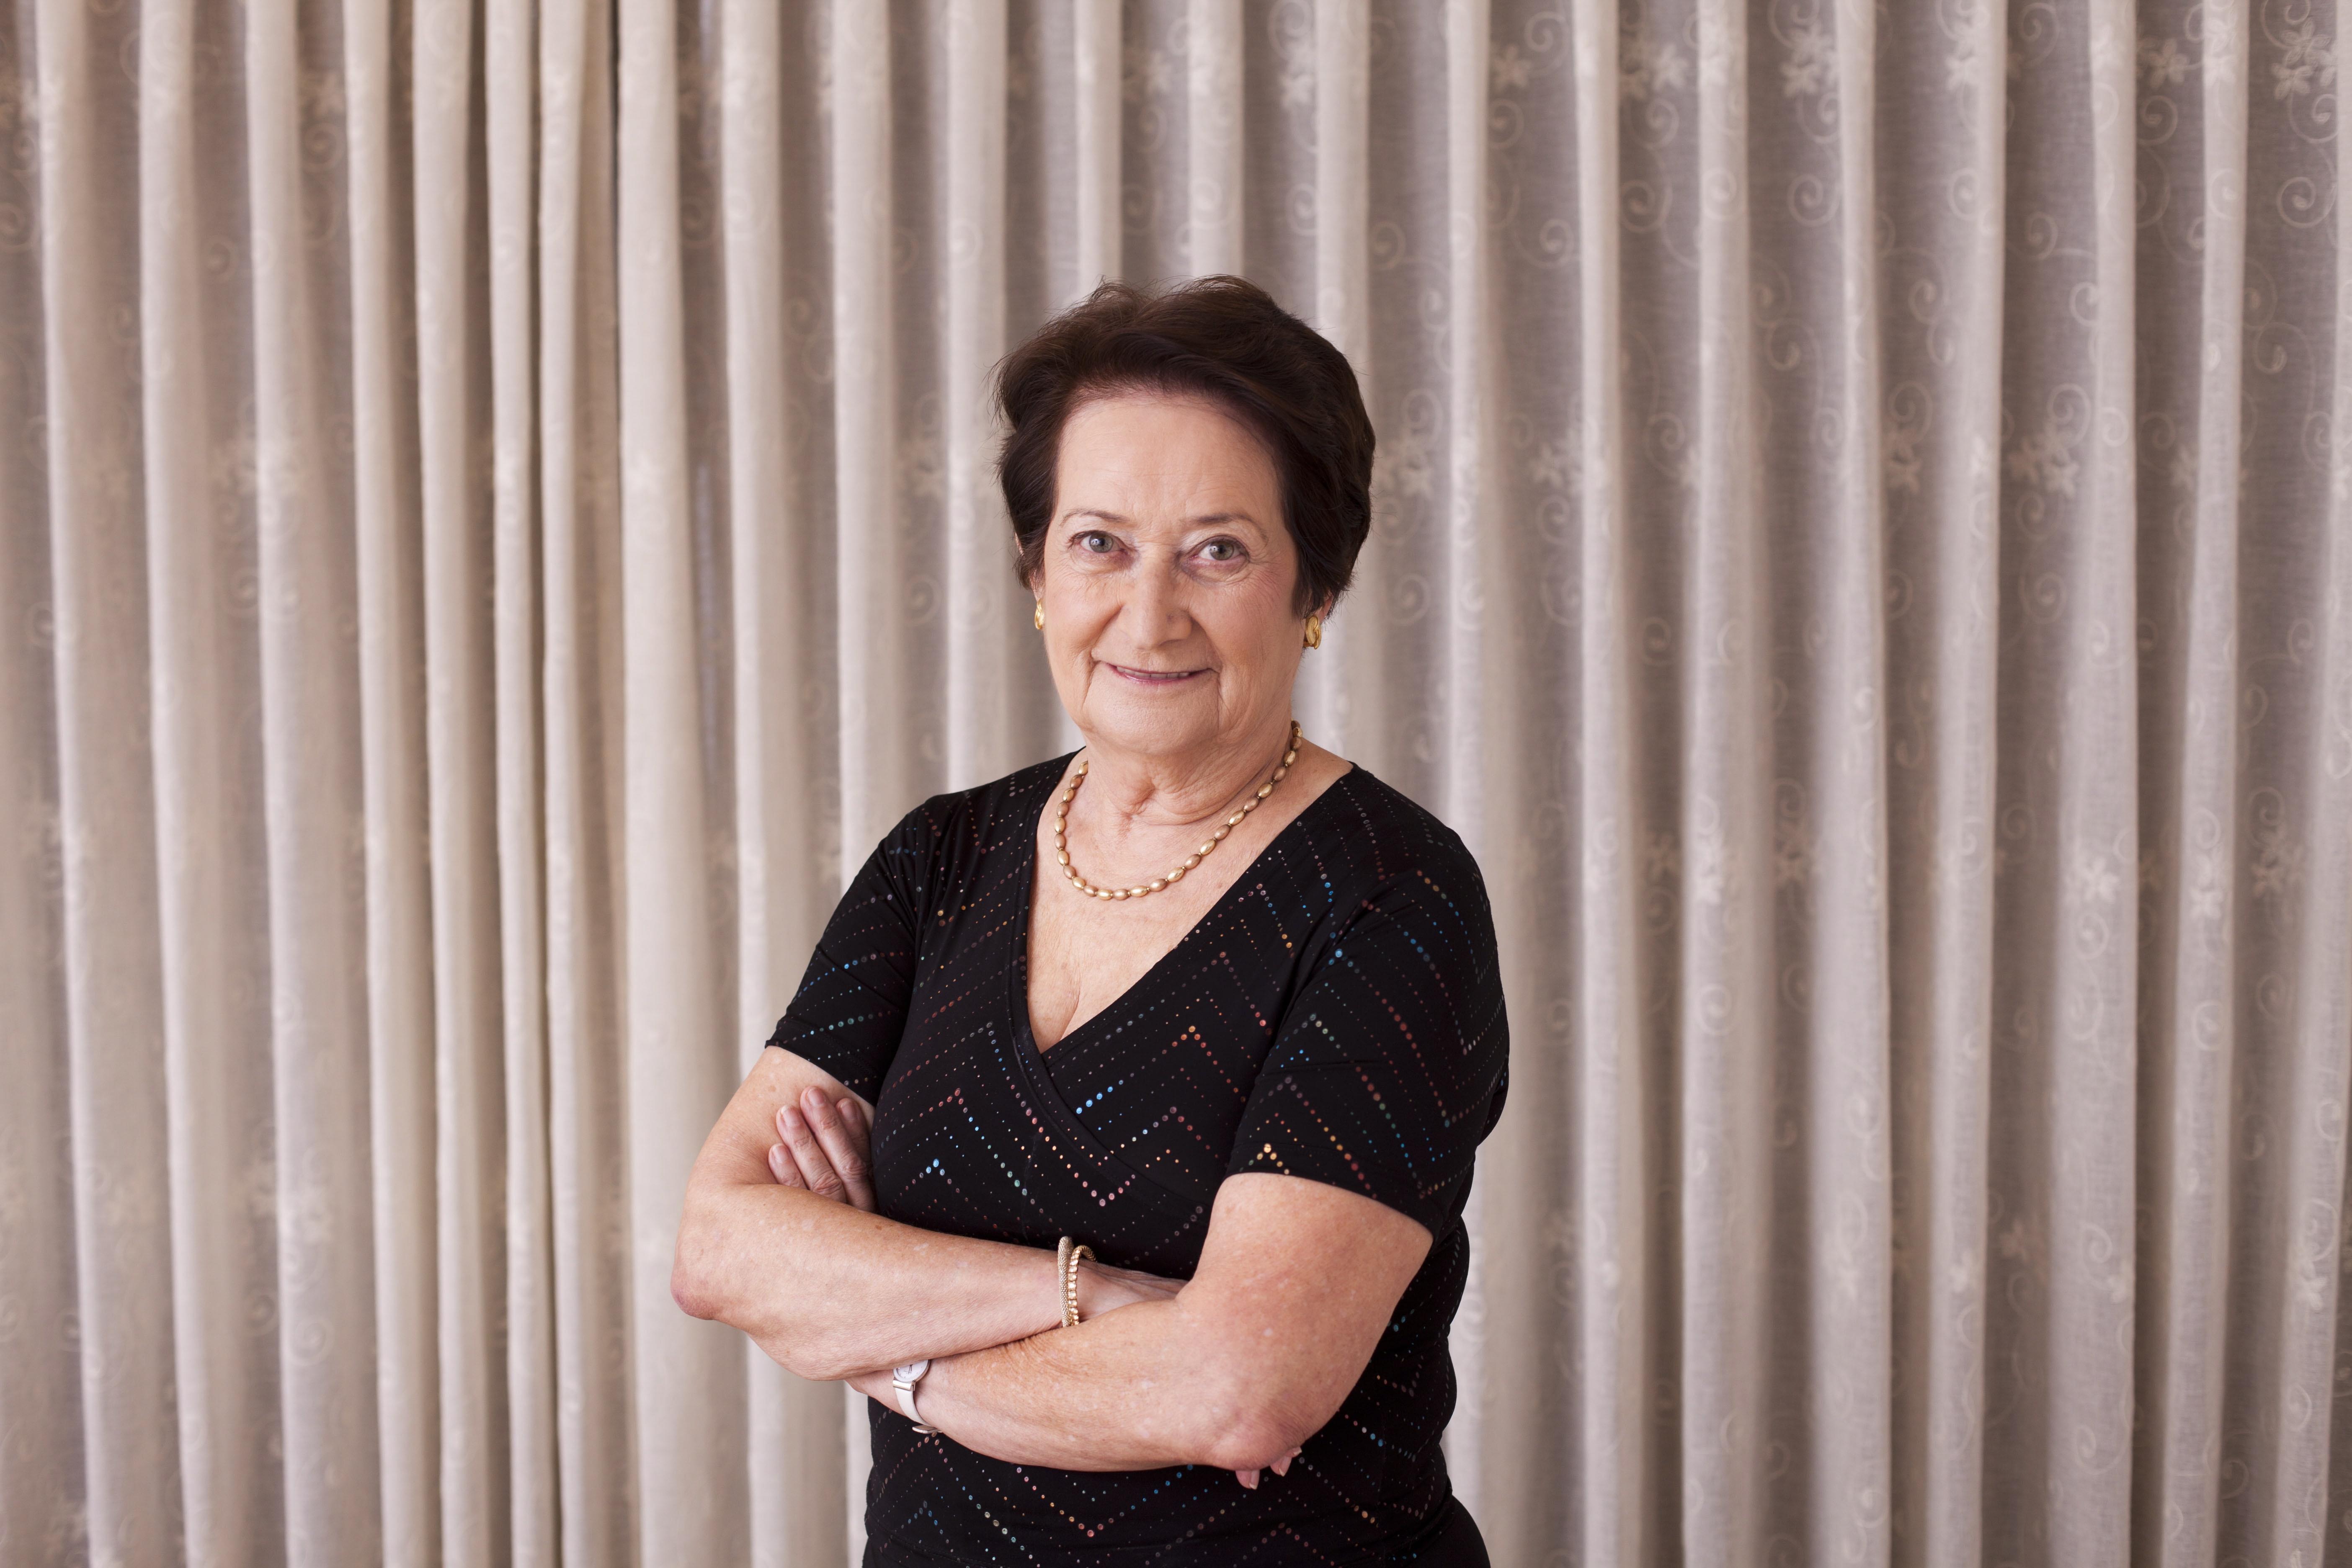 Racheli Edelman